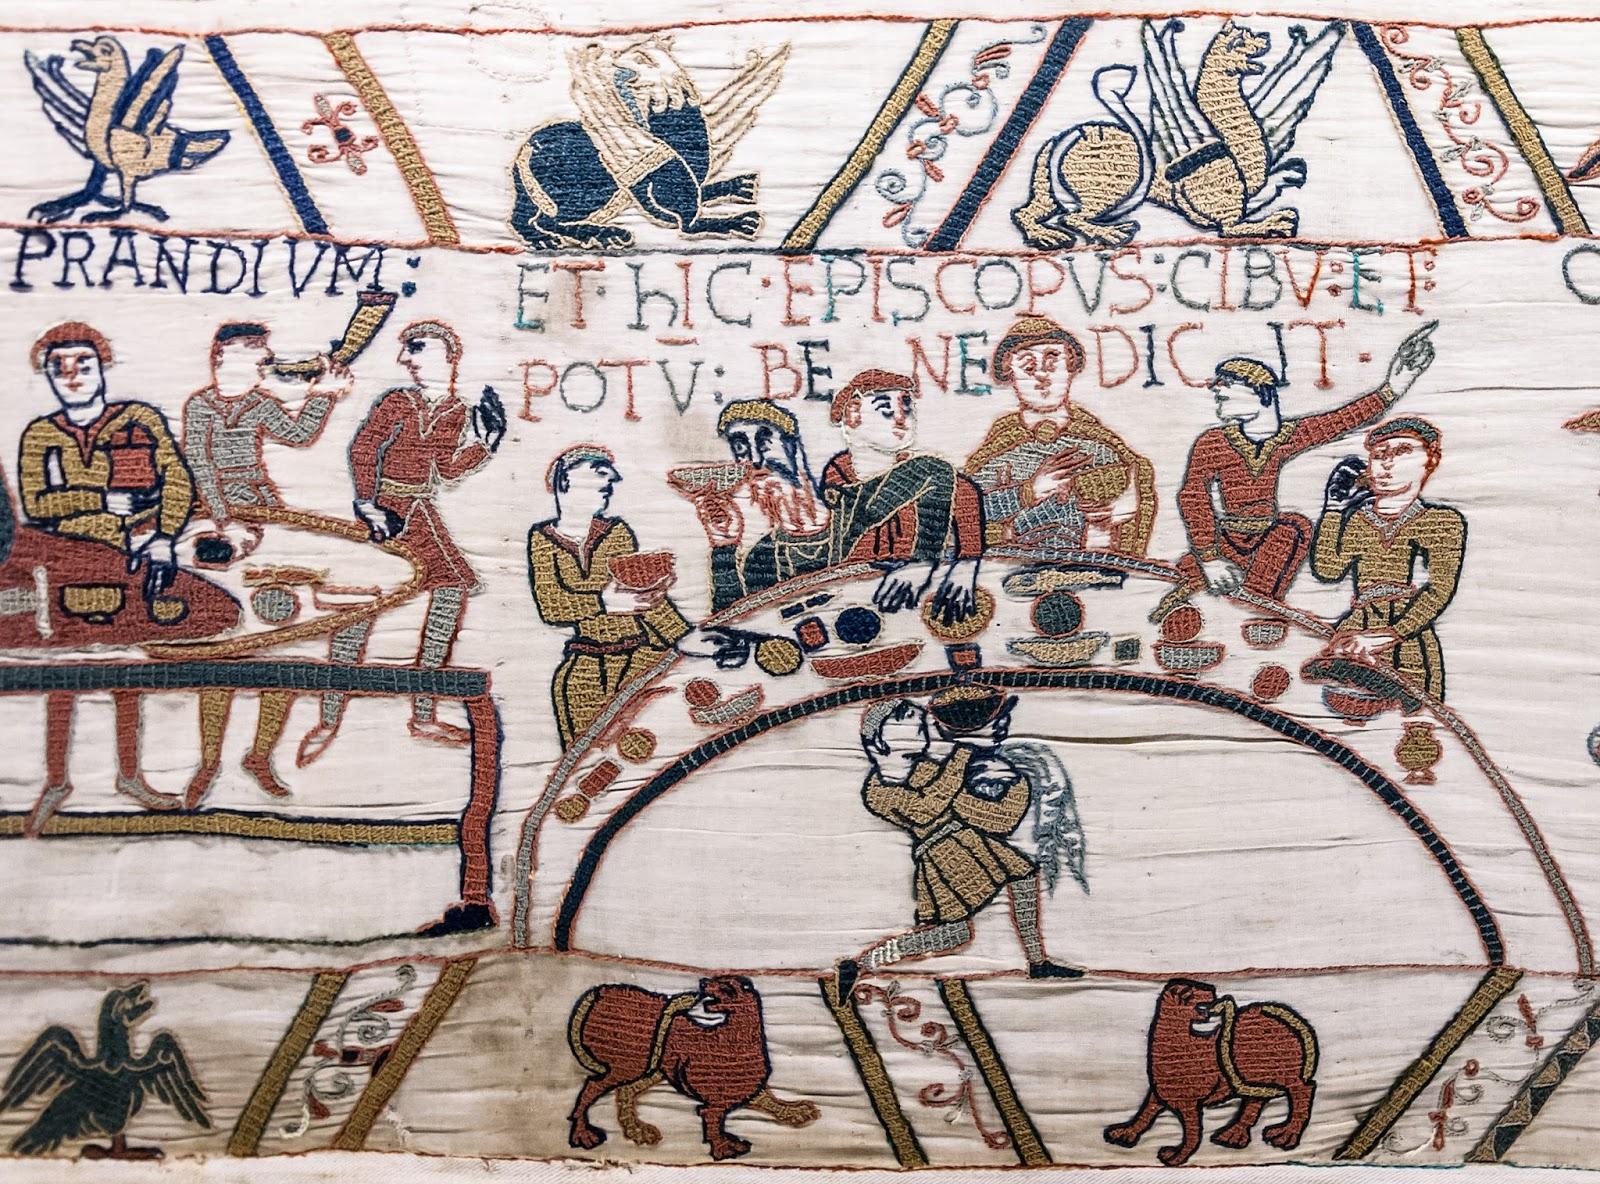 Ufficio Notai Medioevo : Giugno sguardo sul medioevo